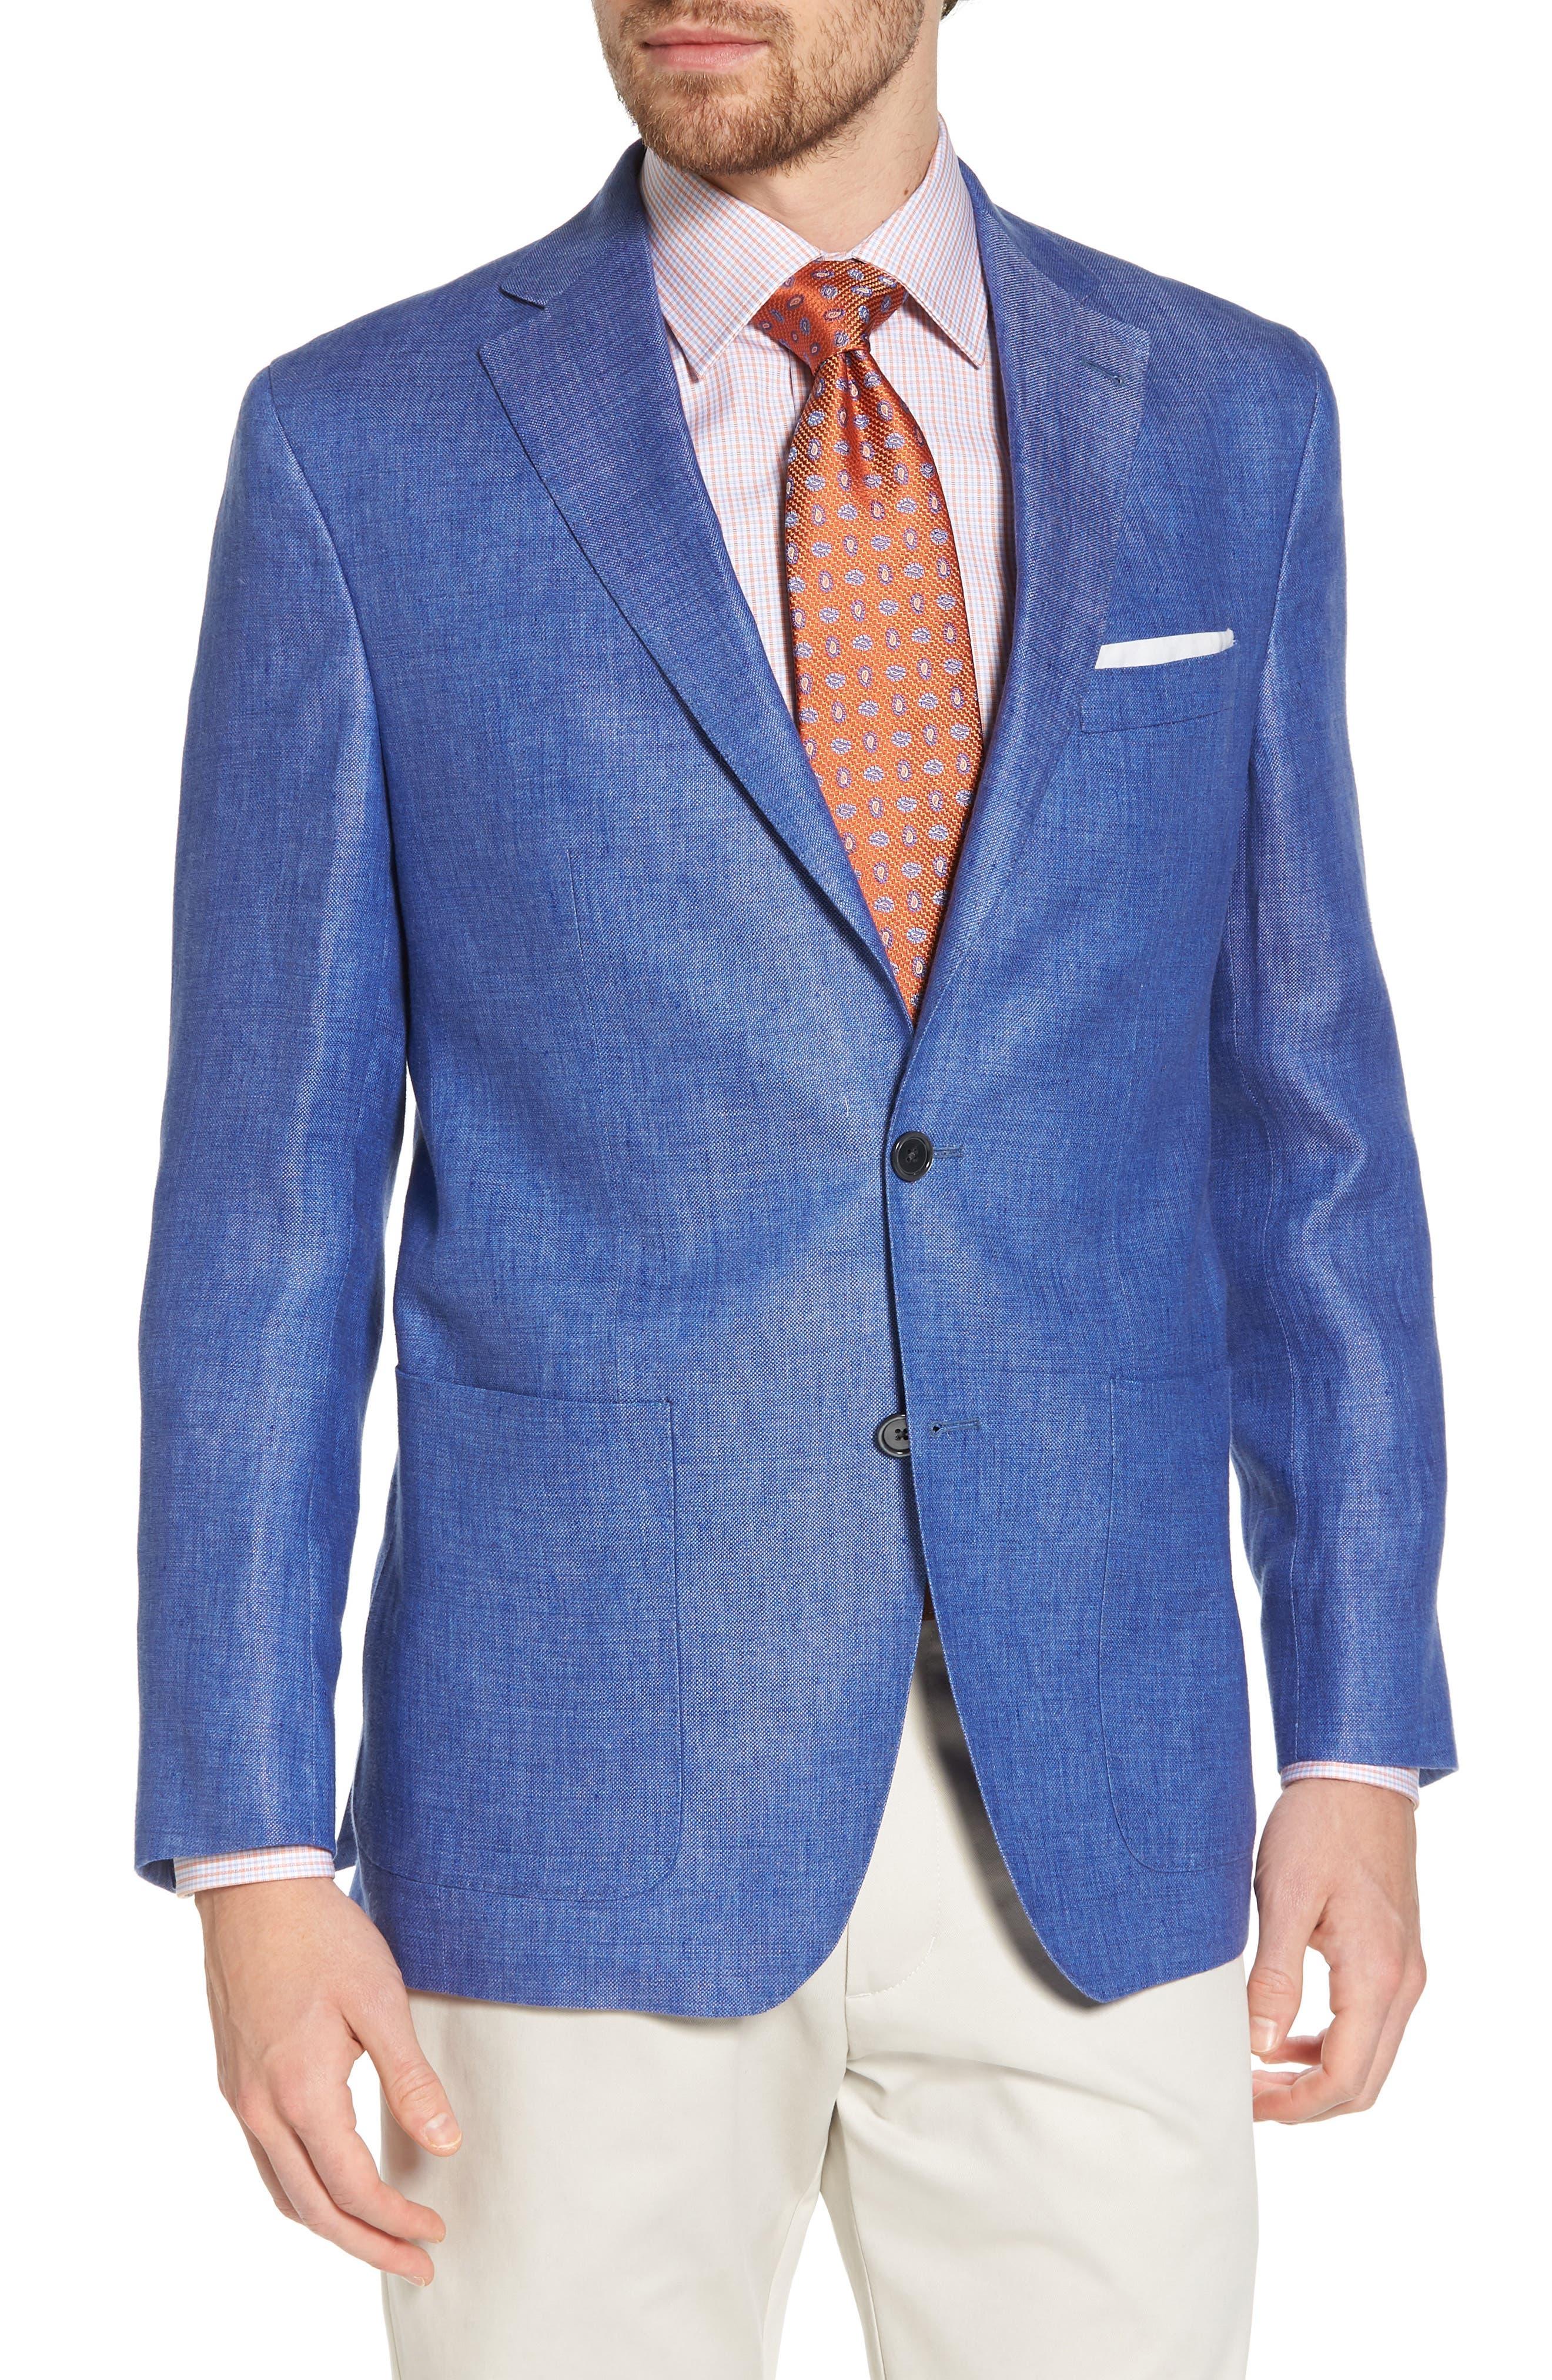 Aiden Classic Fit Linen Blazer,                             Main thumbnail 1, color,                             400